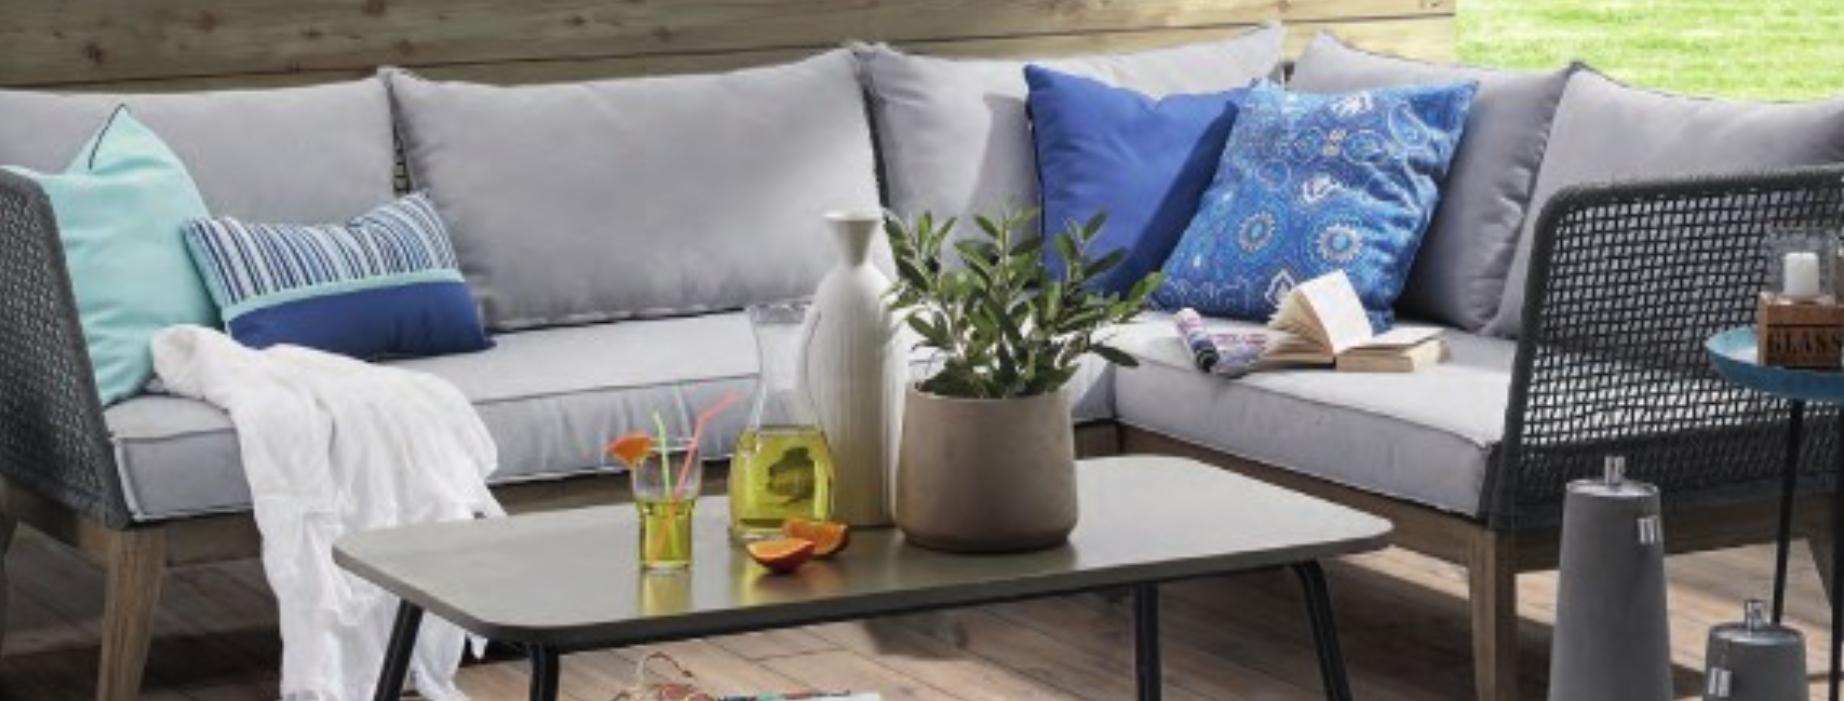 Los muebles que no pueden faltar este verano en tu terraza o jardín imagen